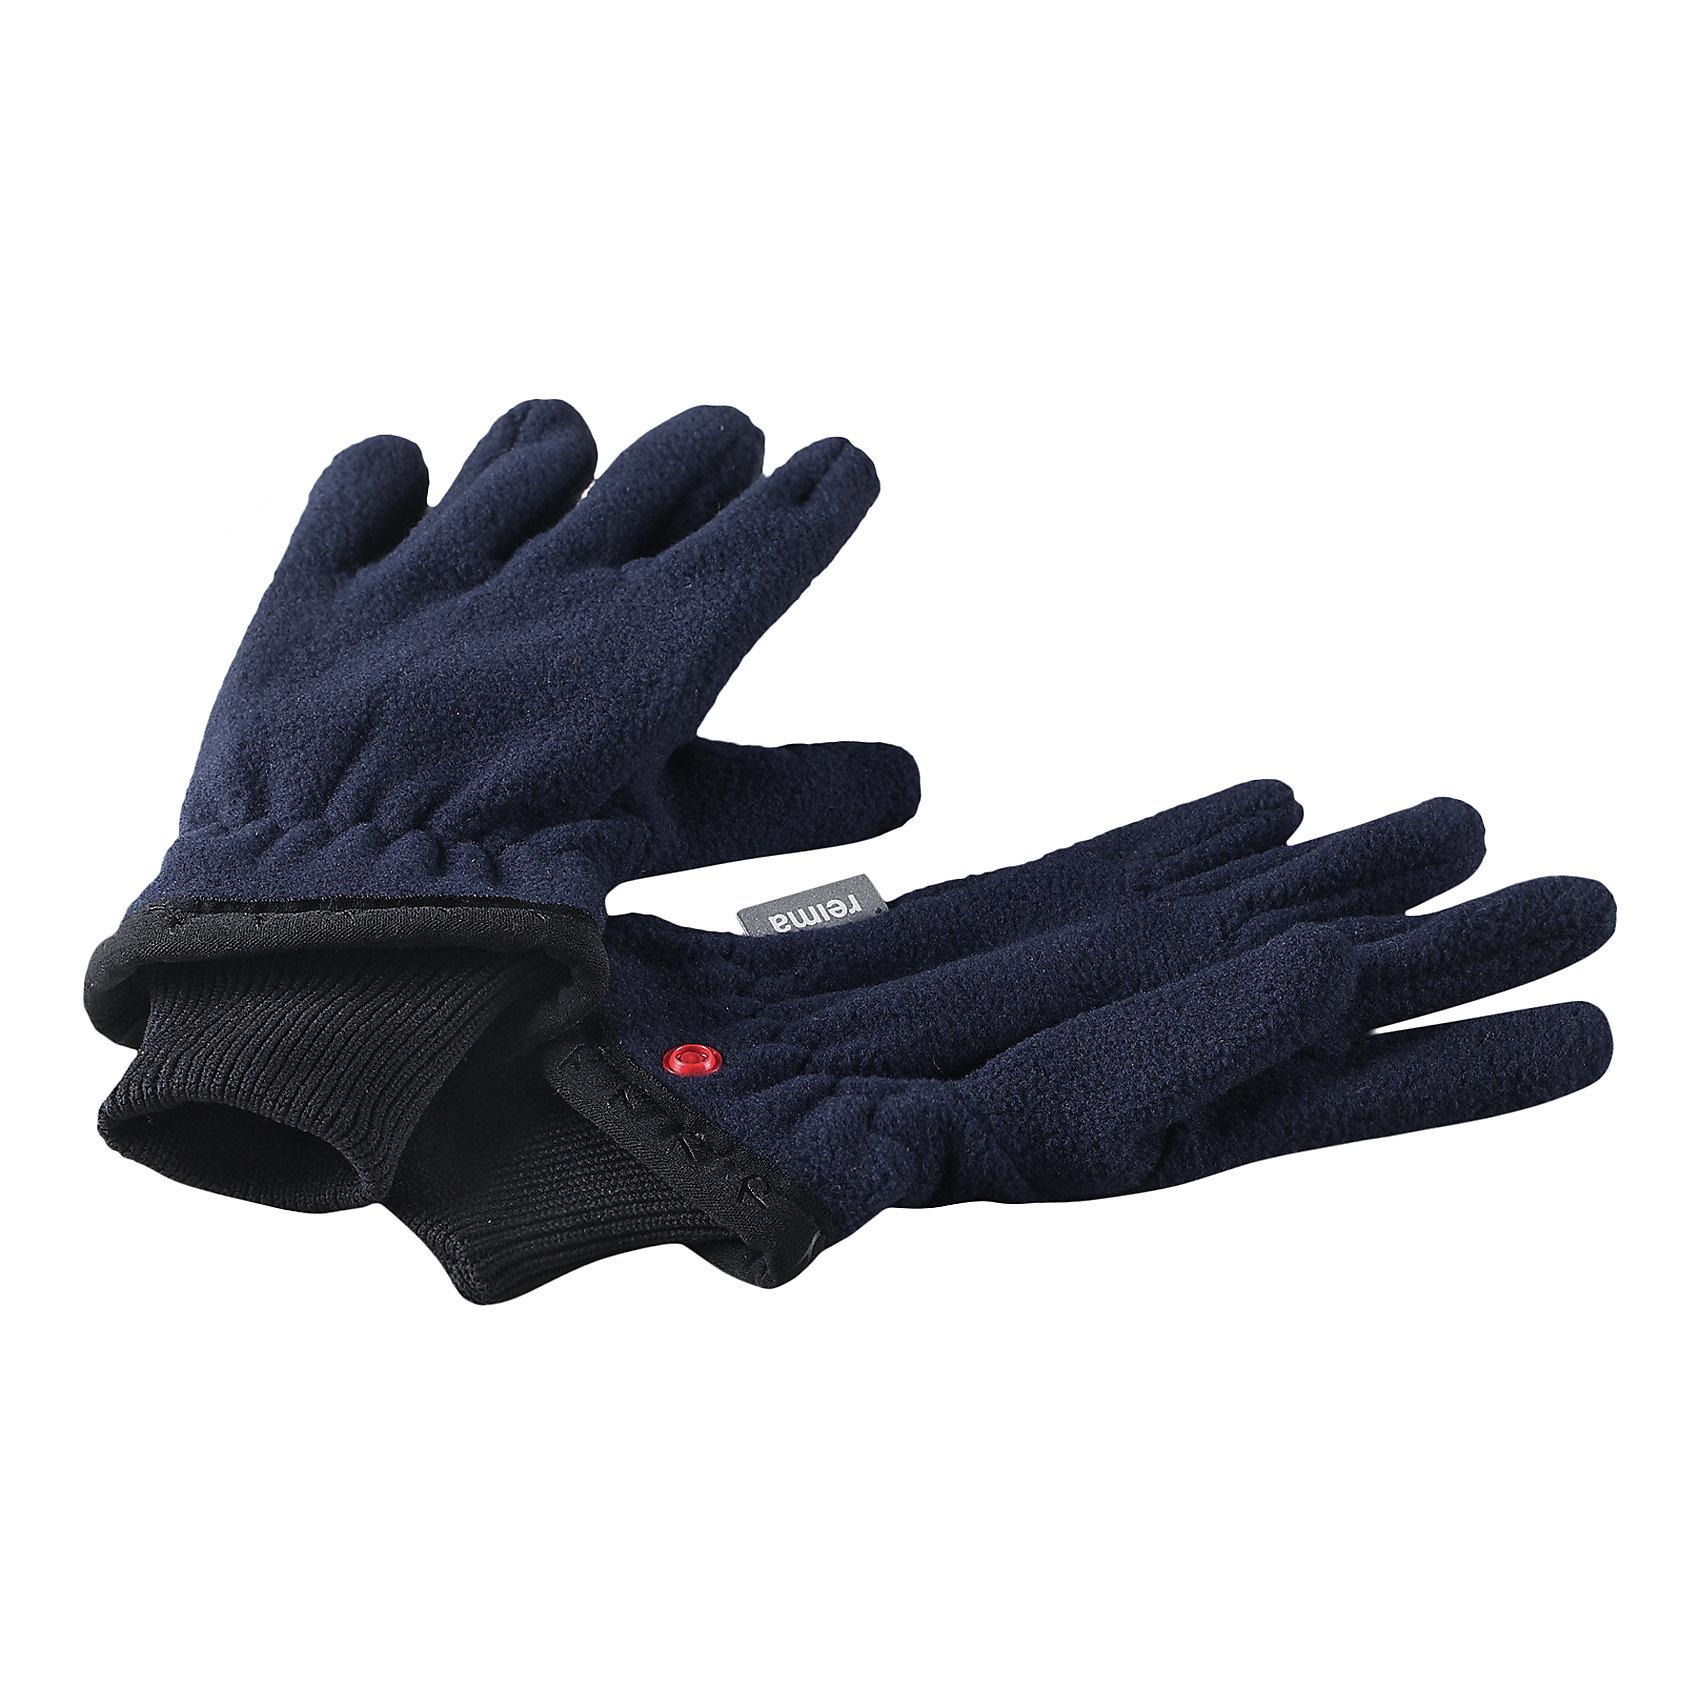 Перчатки Tollense ReimaПерчатки  Reima<br>Флисовые перчатки для детей. Теплый, легкий и быстросохнущий поларфлис. Легкий стиль, без подкладки. Логотип Reima® спереди.<br>Уход:<br>Стирать по отдельности. Полоскать без специального средства. Сушить при низкой температуре. <br>Состав:<br>100% Полиэстер<br>100% Полиэстер<br><br>Ширина мм: 162<br>Глубина мм: 171<br>Высота мм: 55<br>Вес г: 119<br>Цвет: синий<br>Возраст от месяцев: 144<br>Возраст до месяцев: 168<br>Пол: Унисекс<br>Возраст: Детский<br>Размер: 8,3,7,6,5,4<br>SKU: 4779655